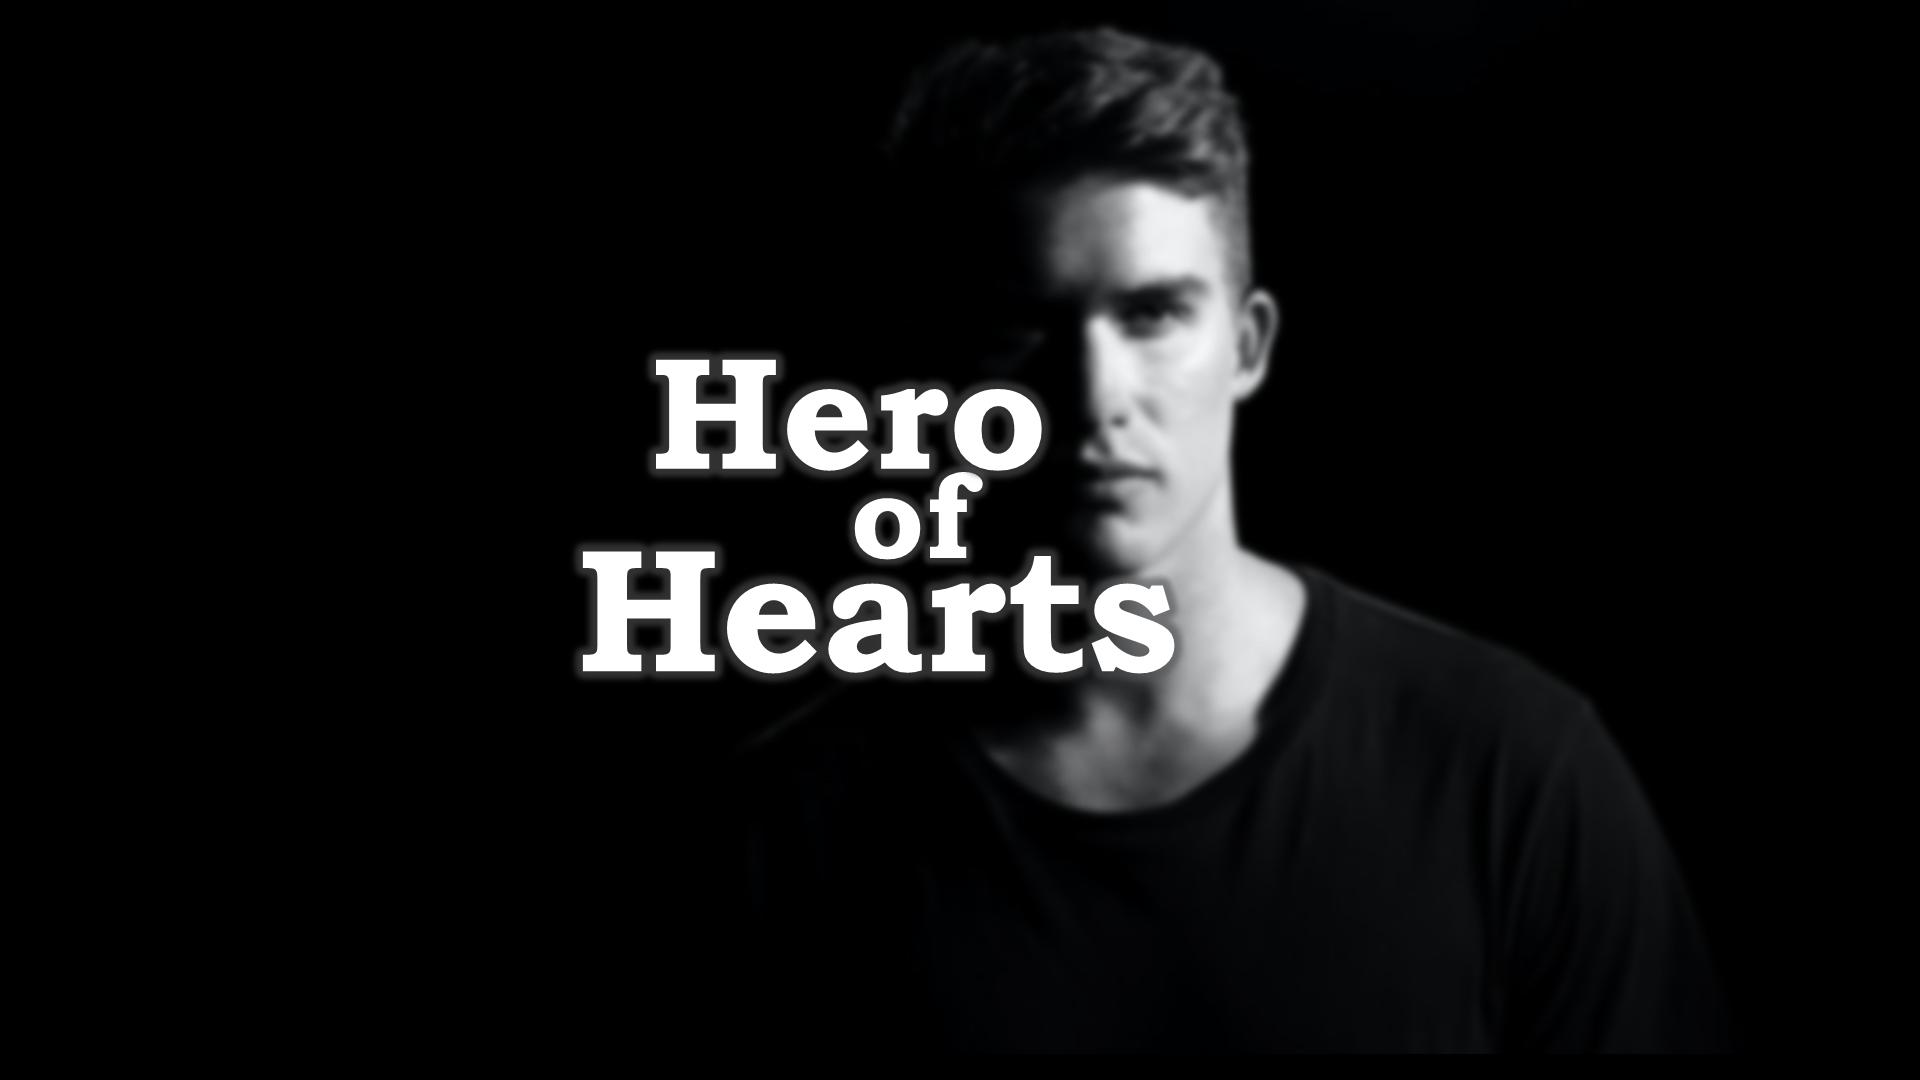 Hero of Hearts